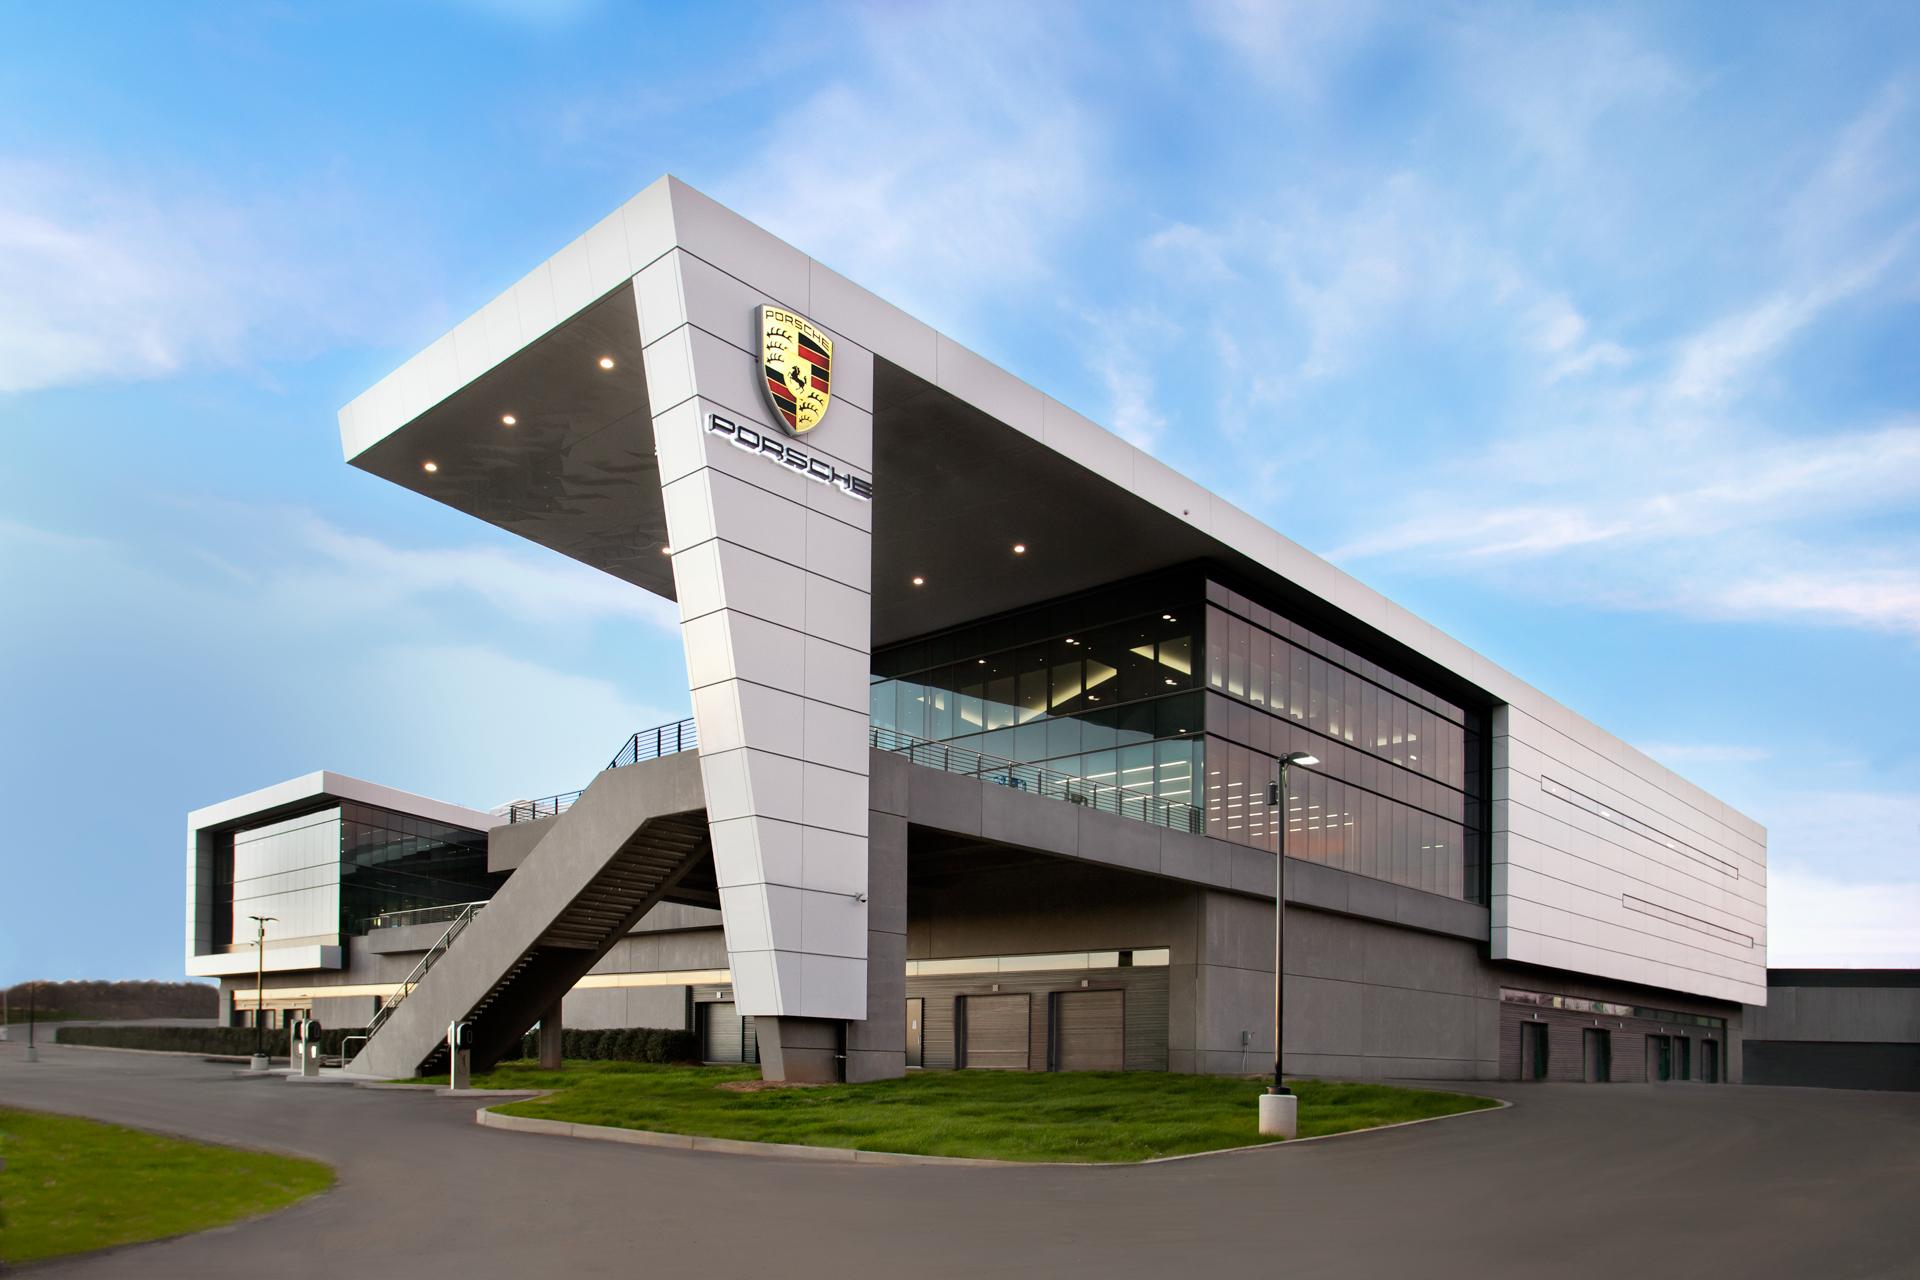 Porsche Headquarters in Atlanta Georgia